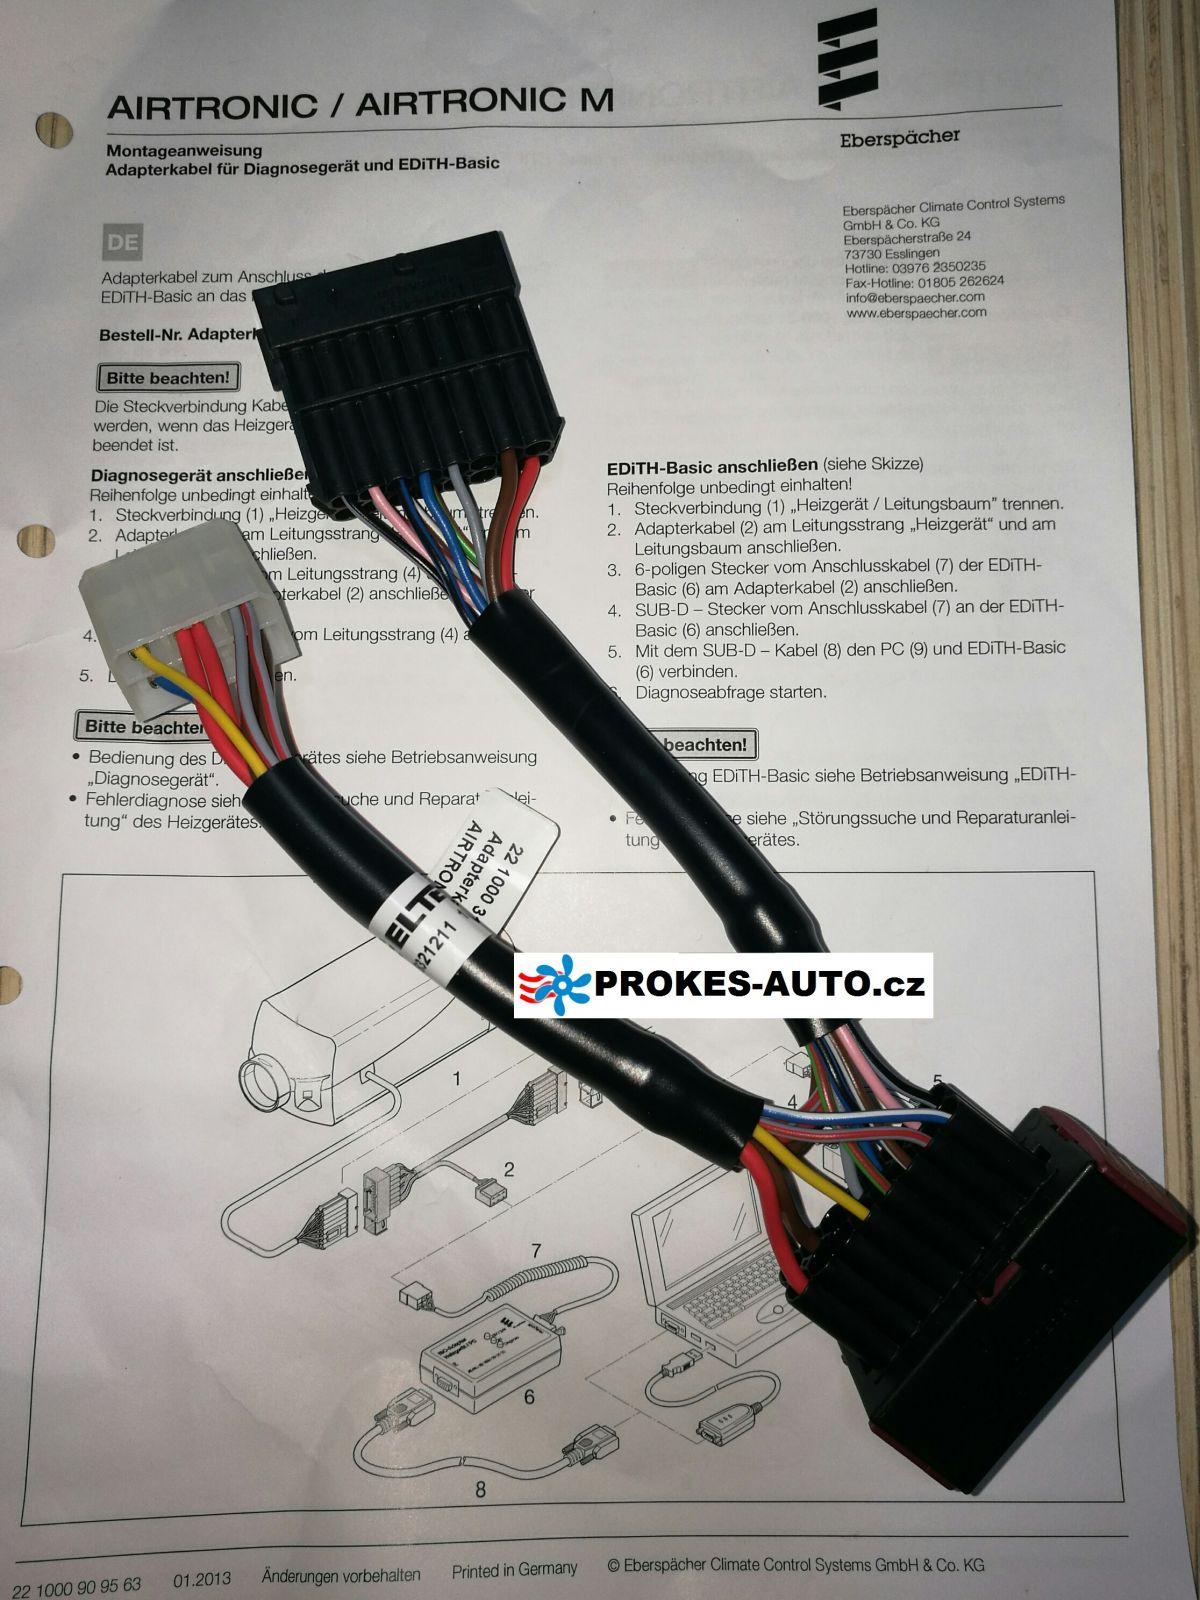 Airtronic heater diagnostic cable D2 / D4 / 221000318600 Eberspächer